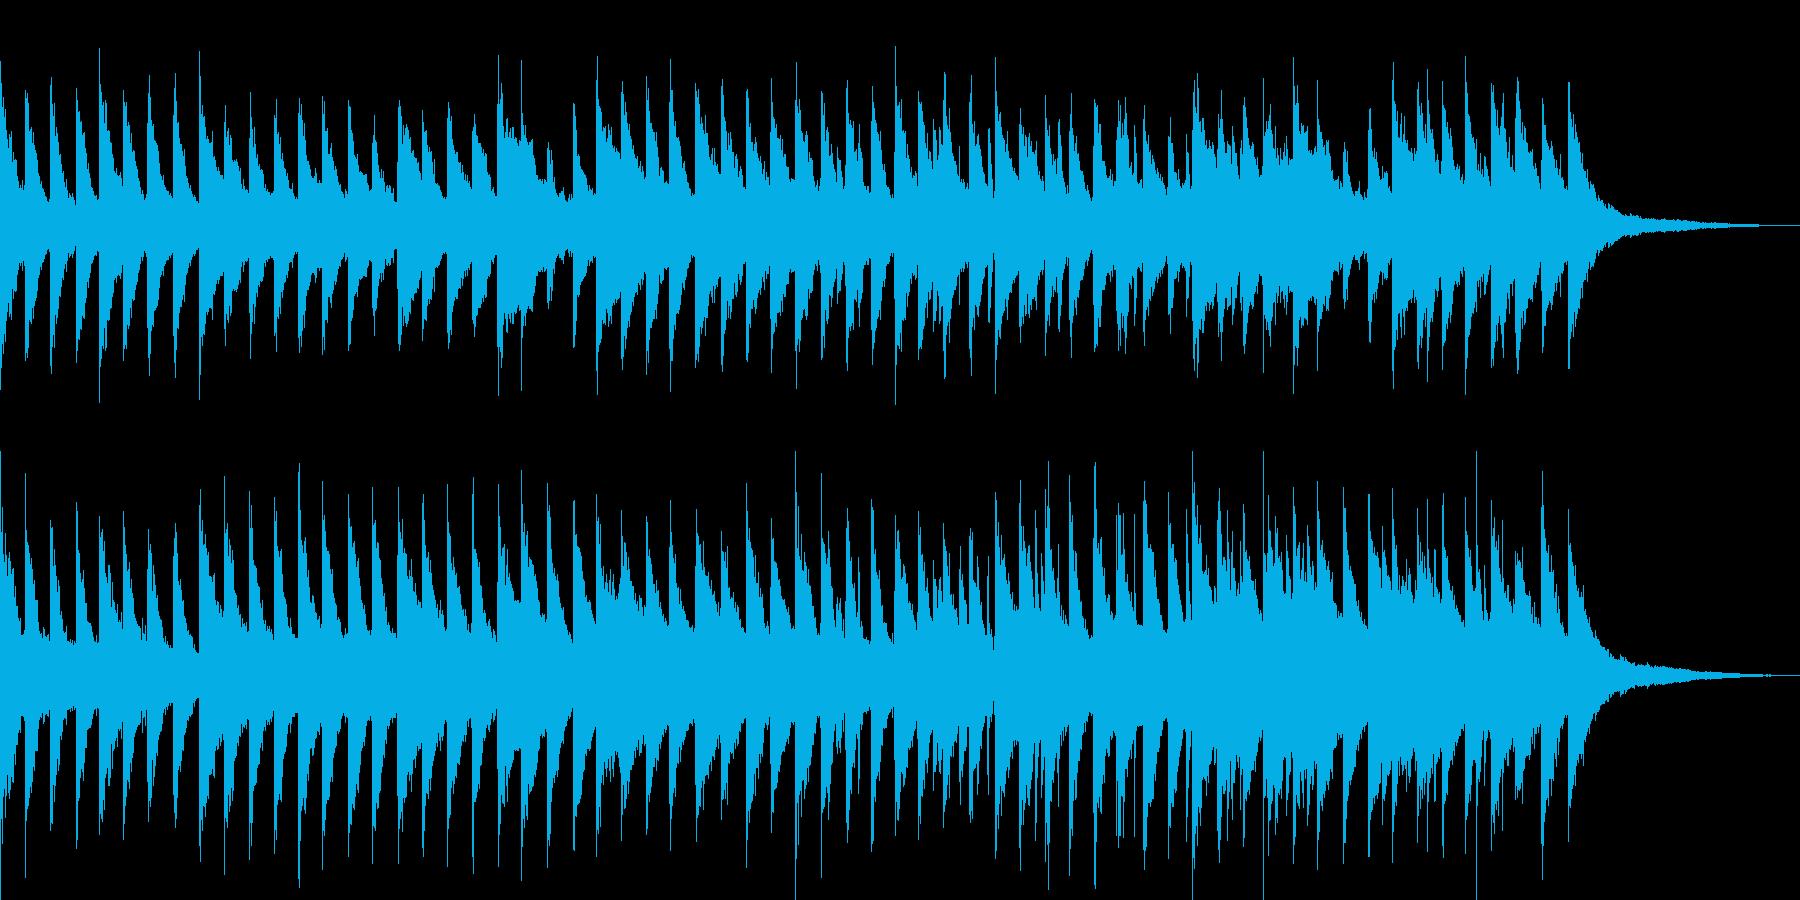 やるせない雰囲気のピアノソロ曲の再生済みの波形